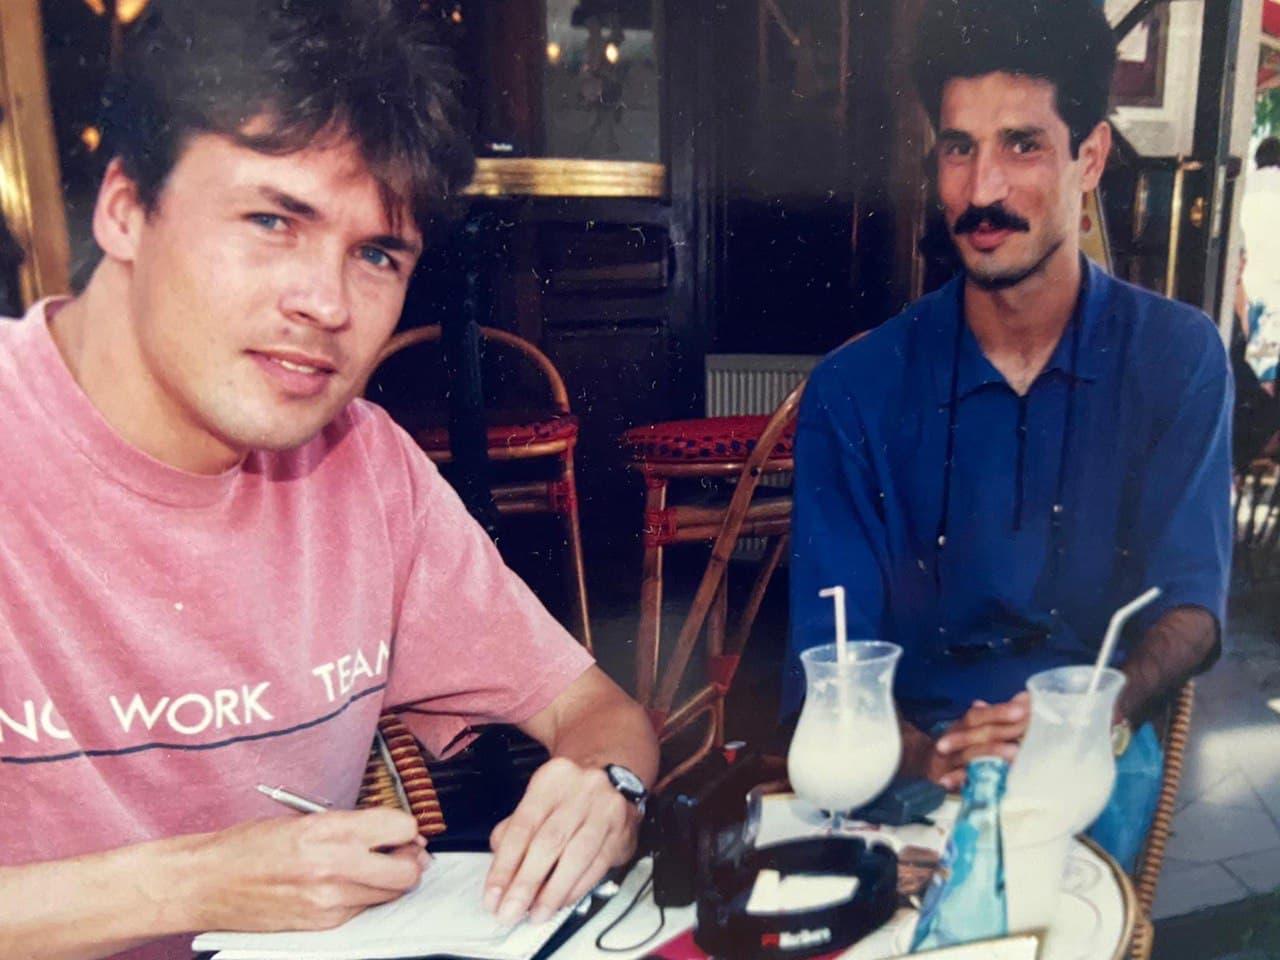 اولین مصاحبه علی دایی در بیلهفلد